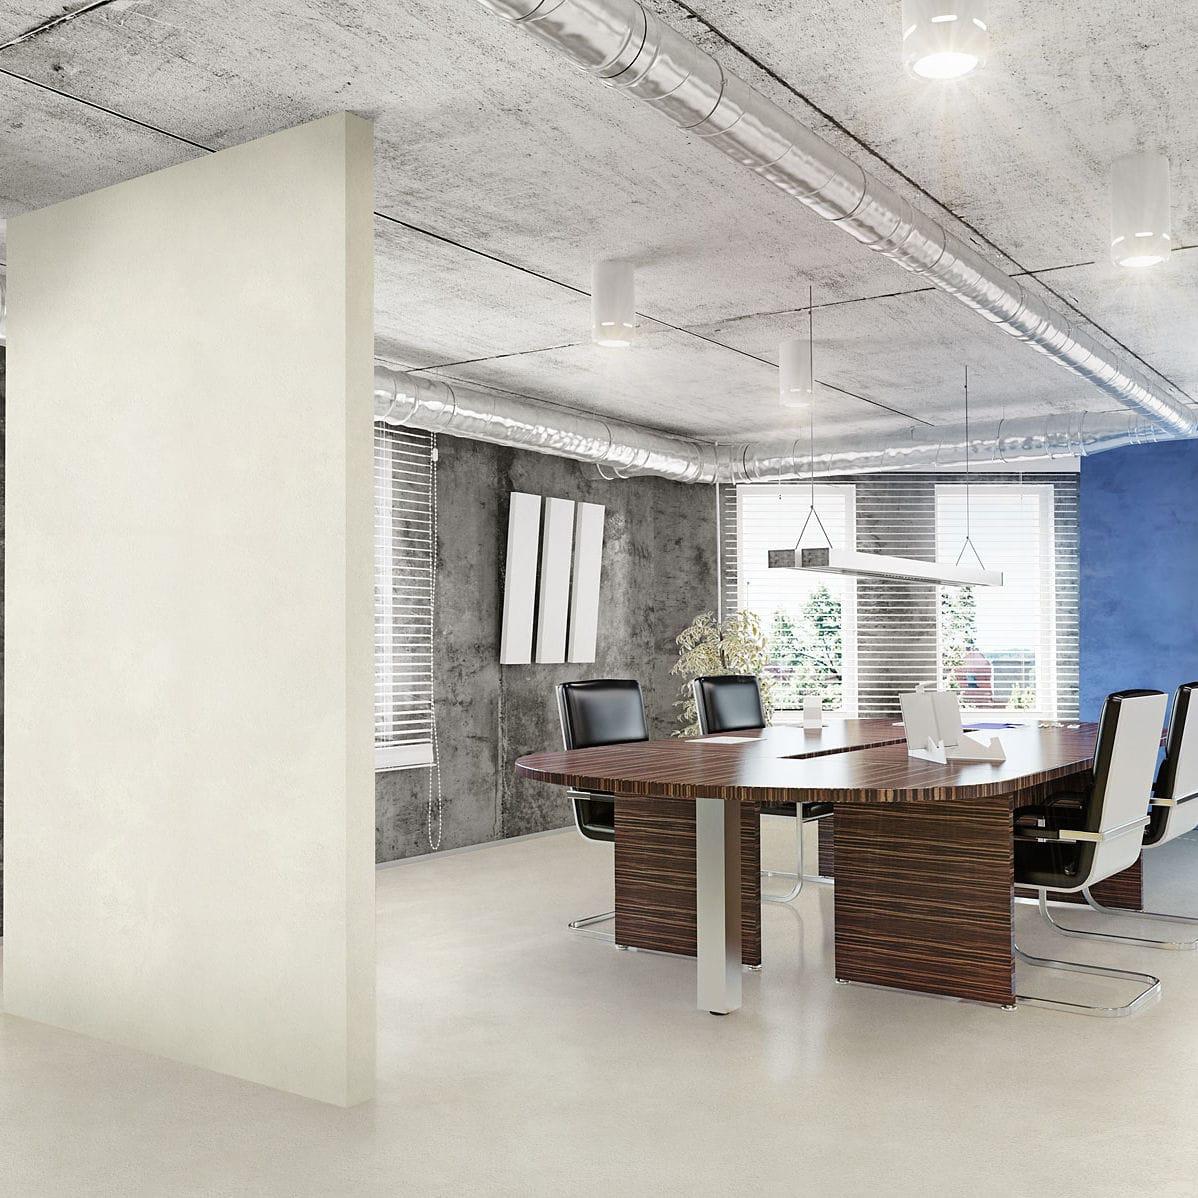 Enduit De Lissage Interieur dedans enduit de lissage / de protection / d'intérieur / pour mur